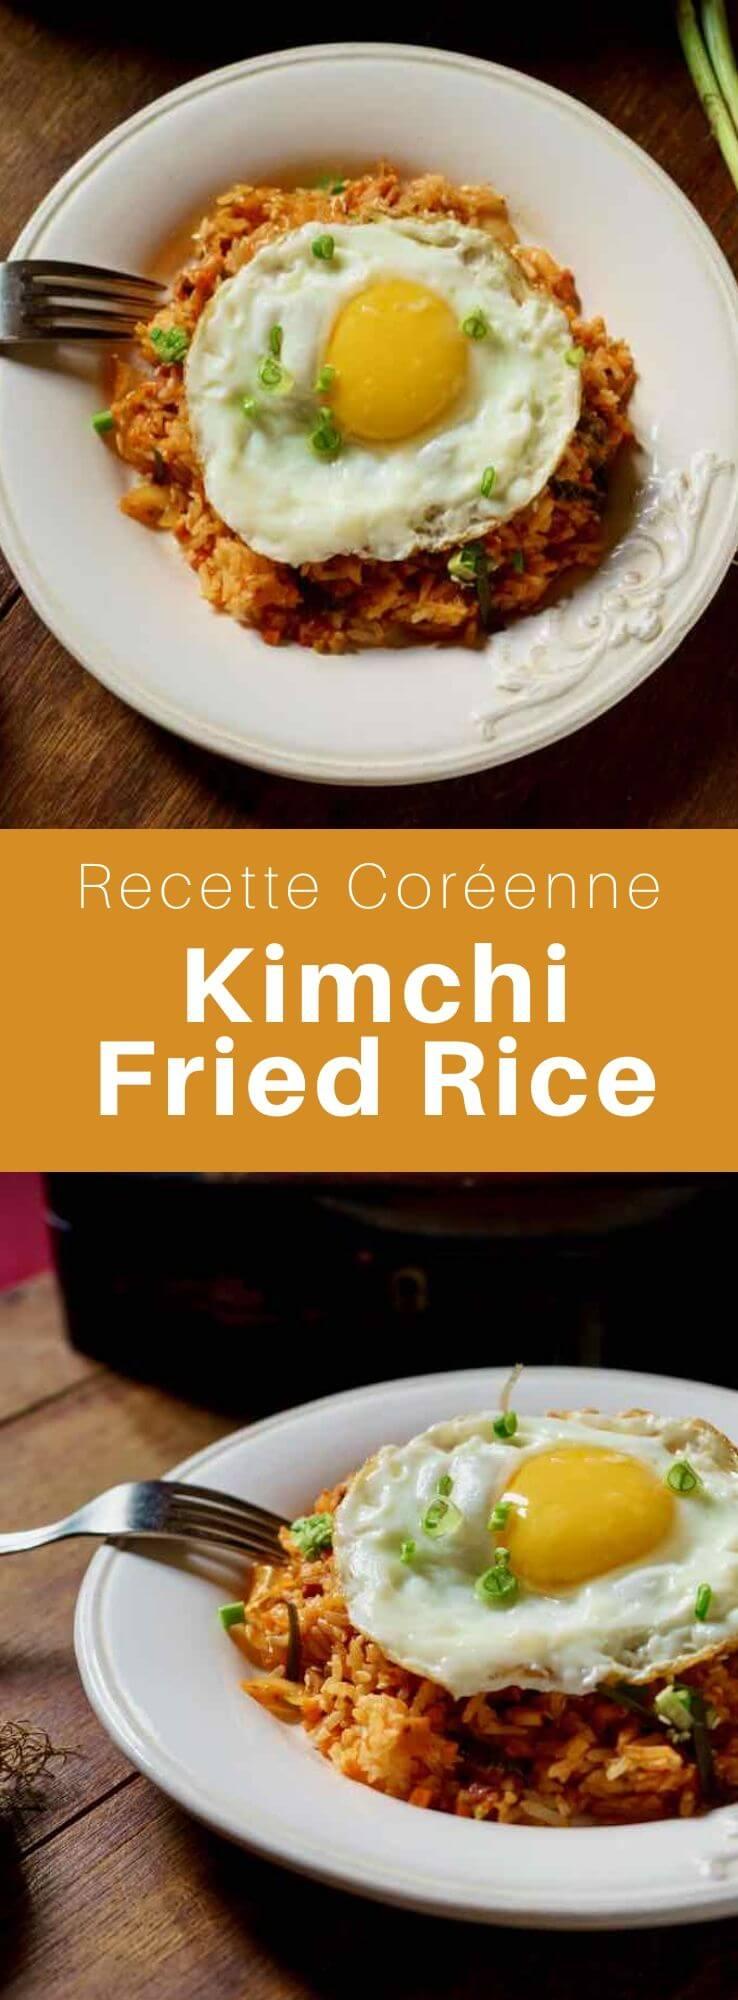 Le kimchi fried rice ou kimchi-bokkeum-bap ( 김치 볶음밥 ) est une variété de bokkeum-bap (riz frit) populaire en Corée. Le riz frit au kimchi est composé principalement de kimchi et de riz, ainsi que d'autres ingrédients, tels que des légumes en dés ou de viande comme le spam. #Coree #CoreeDuSud #CoreeDuNord #CuisineDuMonde #196flavors